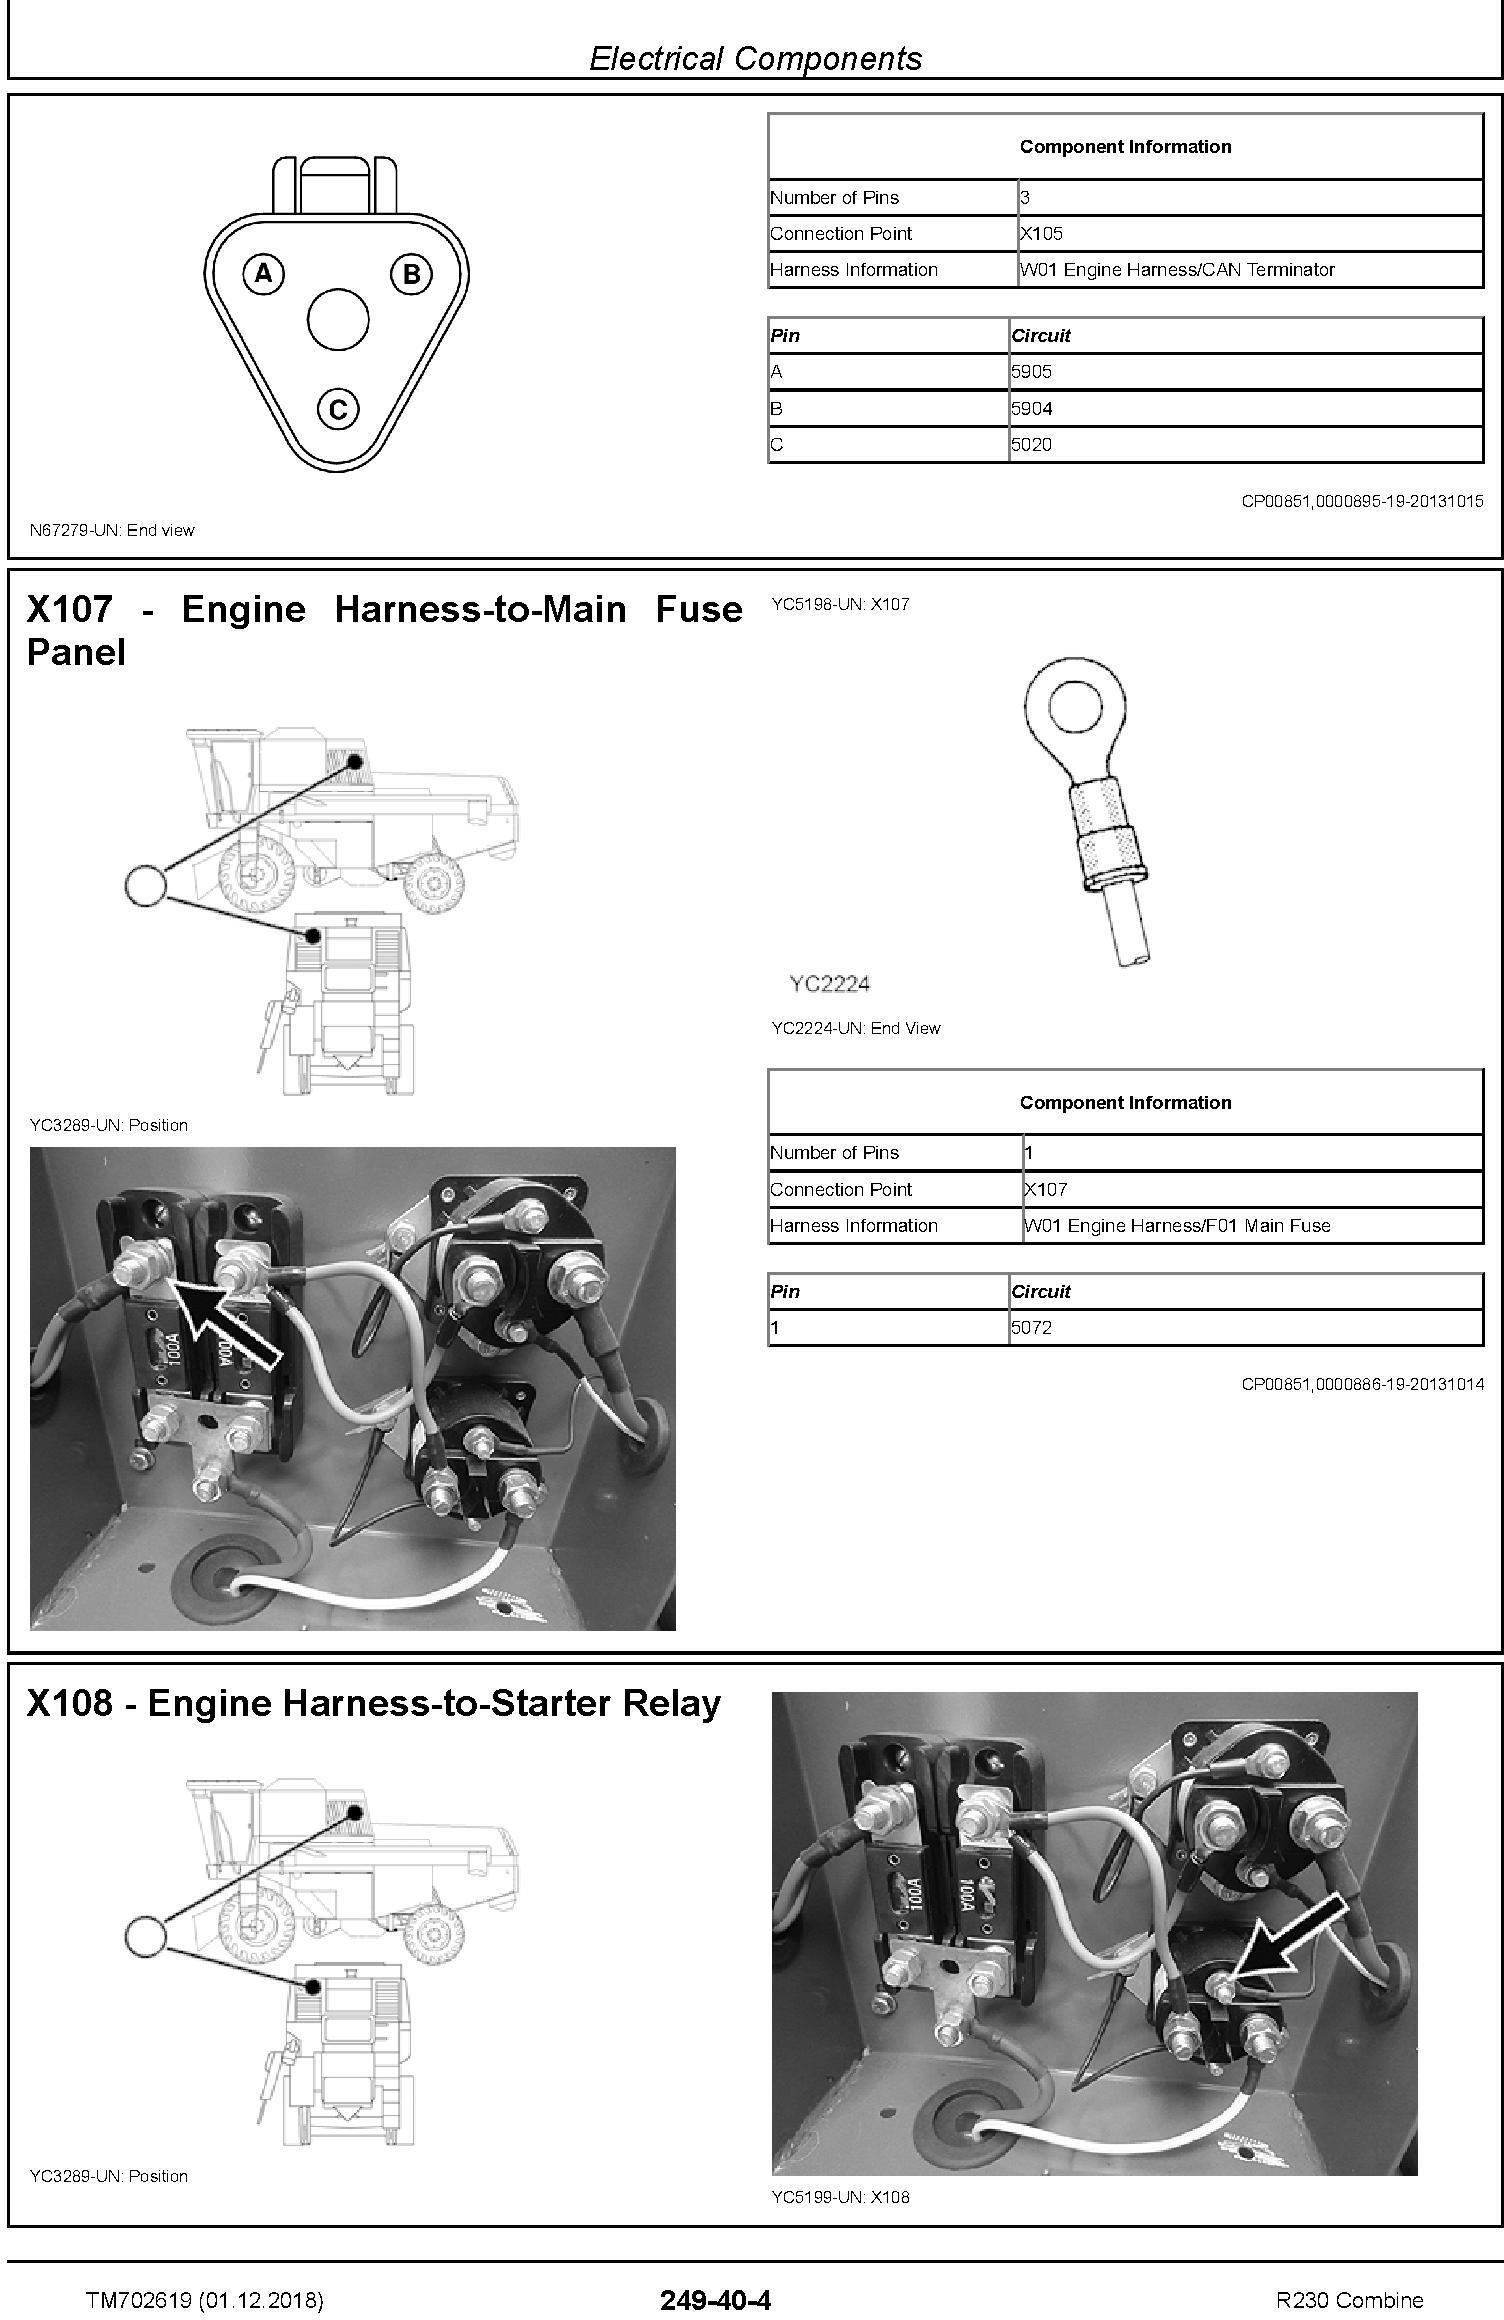 John Deere R230 Combine Technical Service Manual (TM702619) - 3